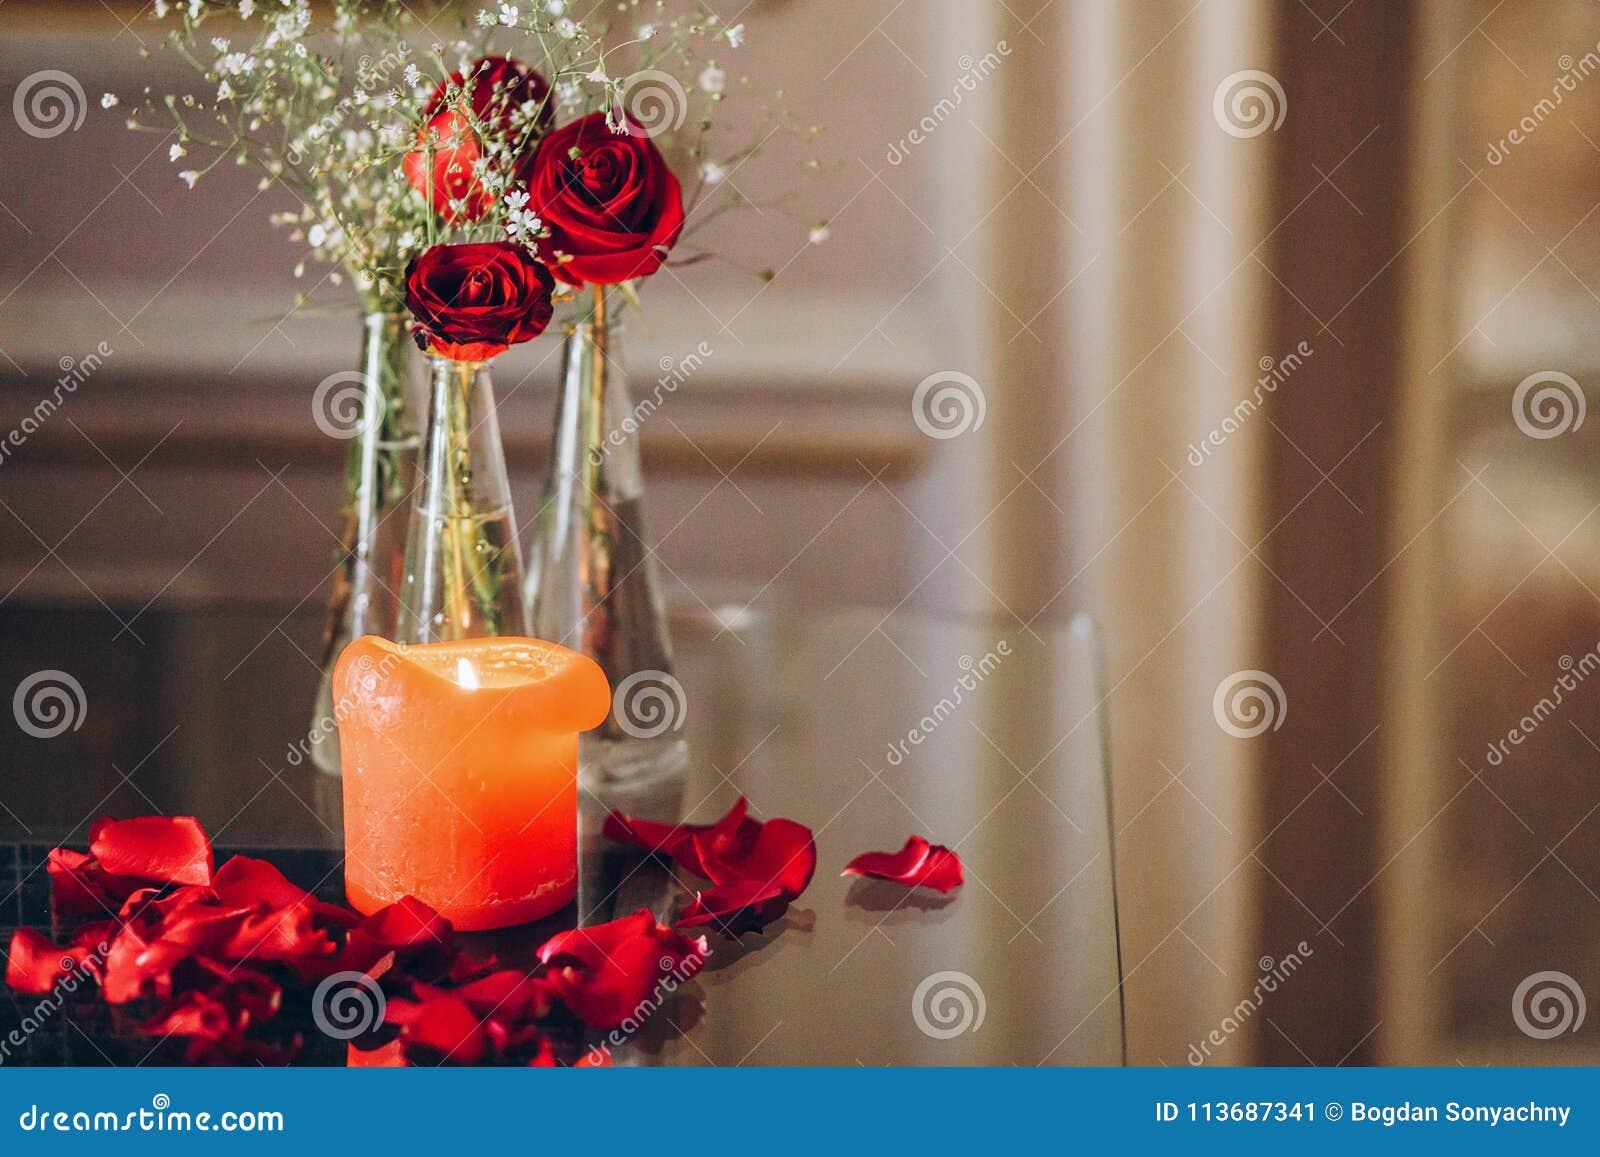 Rosas Rojas Y Pétalos Ardientes Del Ingenio De La Vela En La